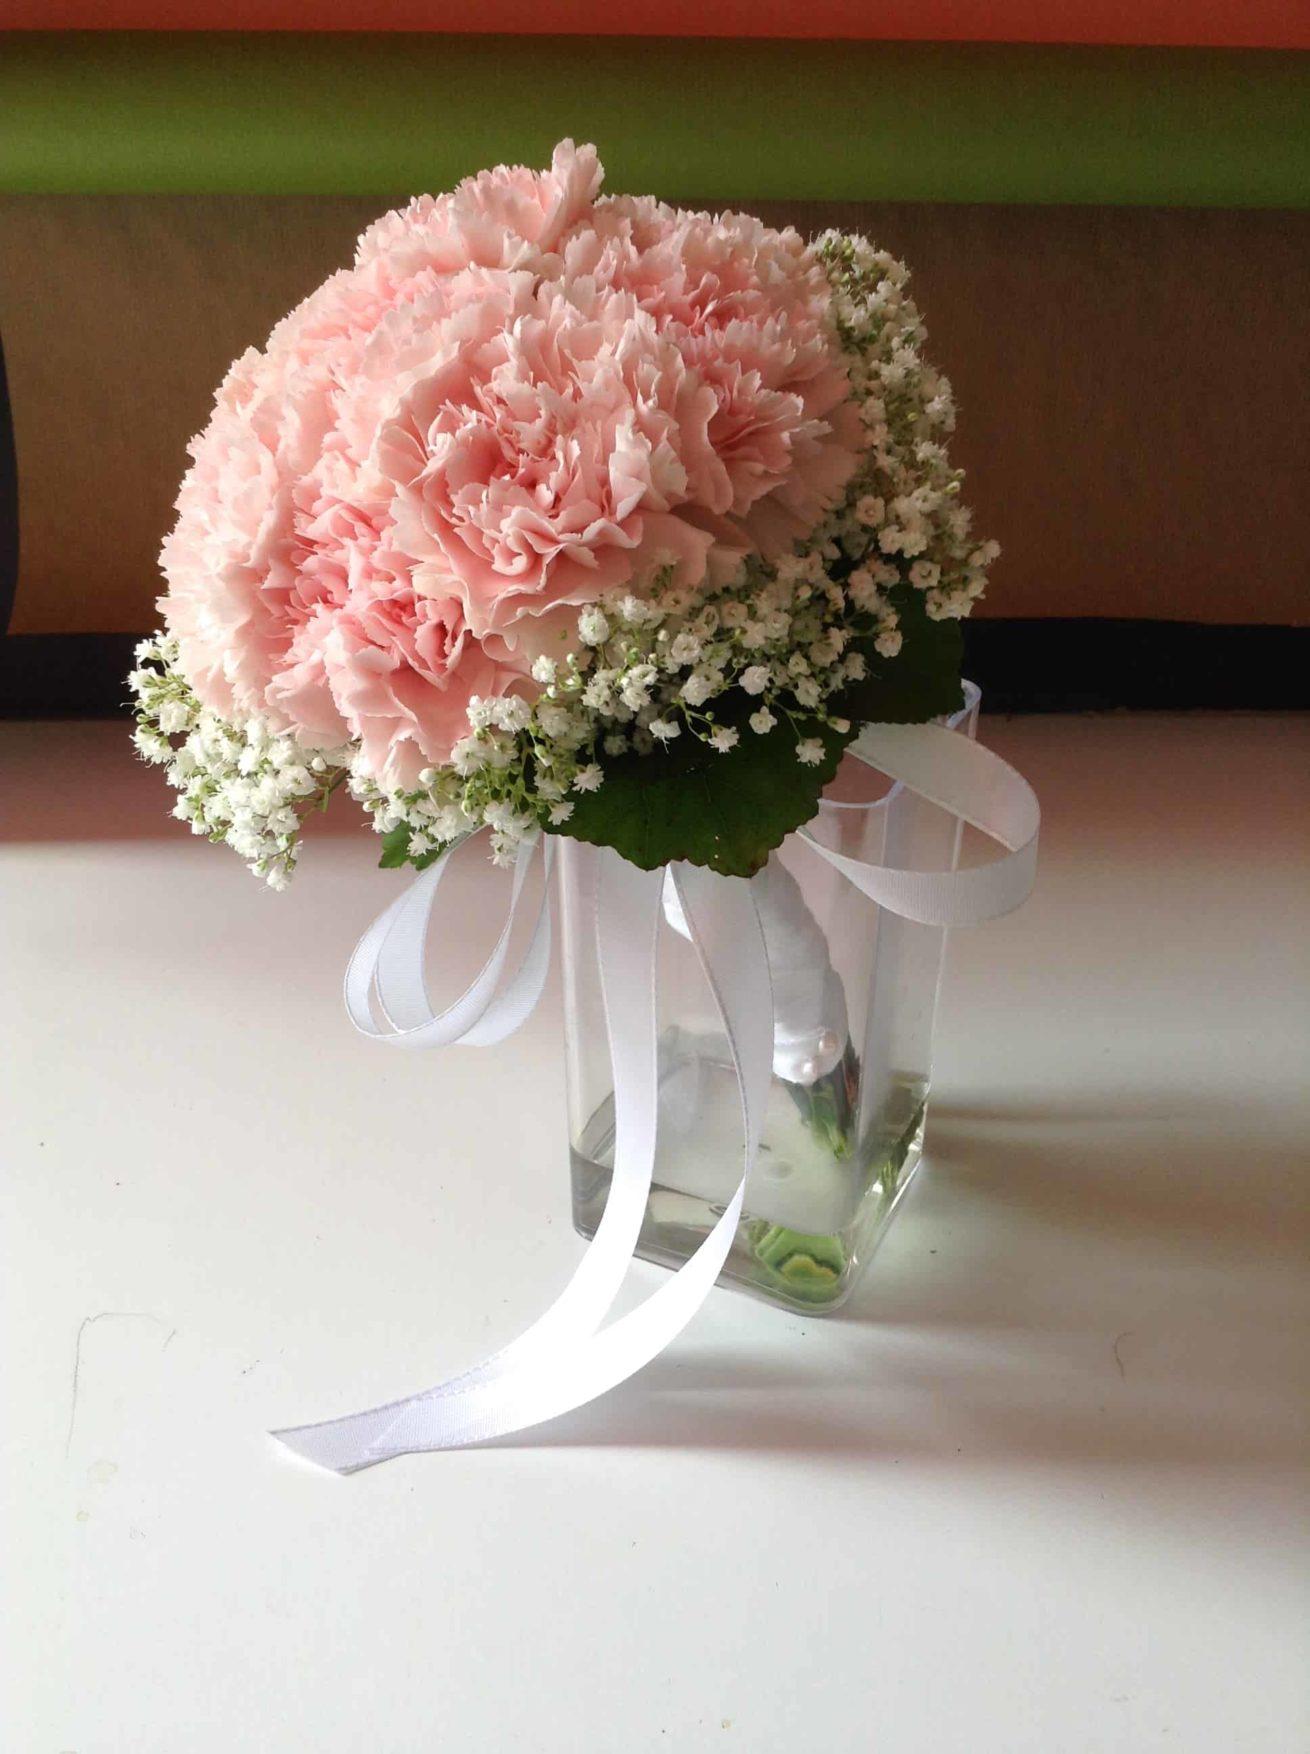 Fleuriste mariage Bordeaux Bouquet de demoiselle d'honneur oeillets roses et gypsophile Réalisation Carré Roses Artisan Fleuriste Bordeaux Bègles Floirac